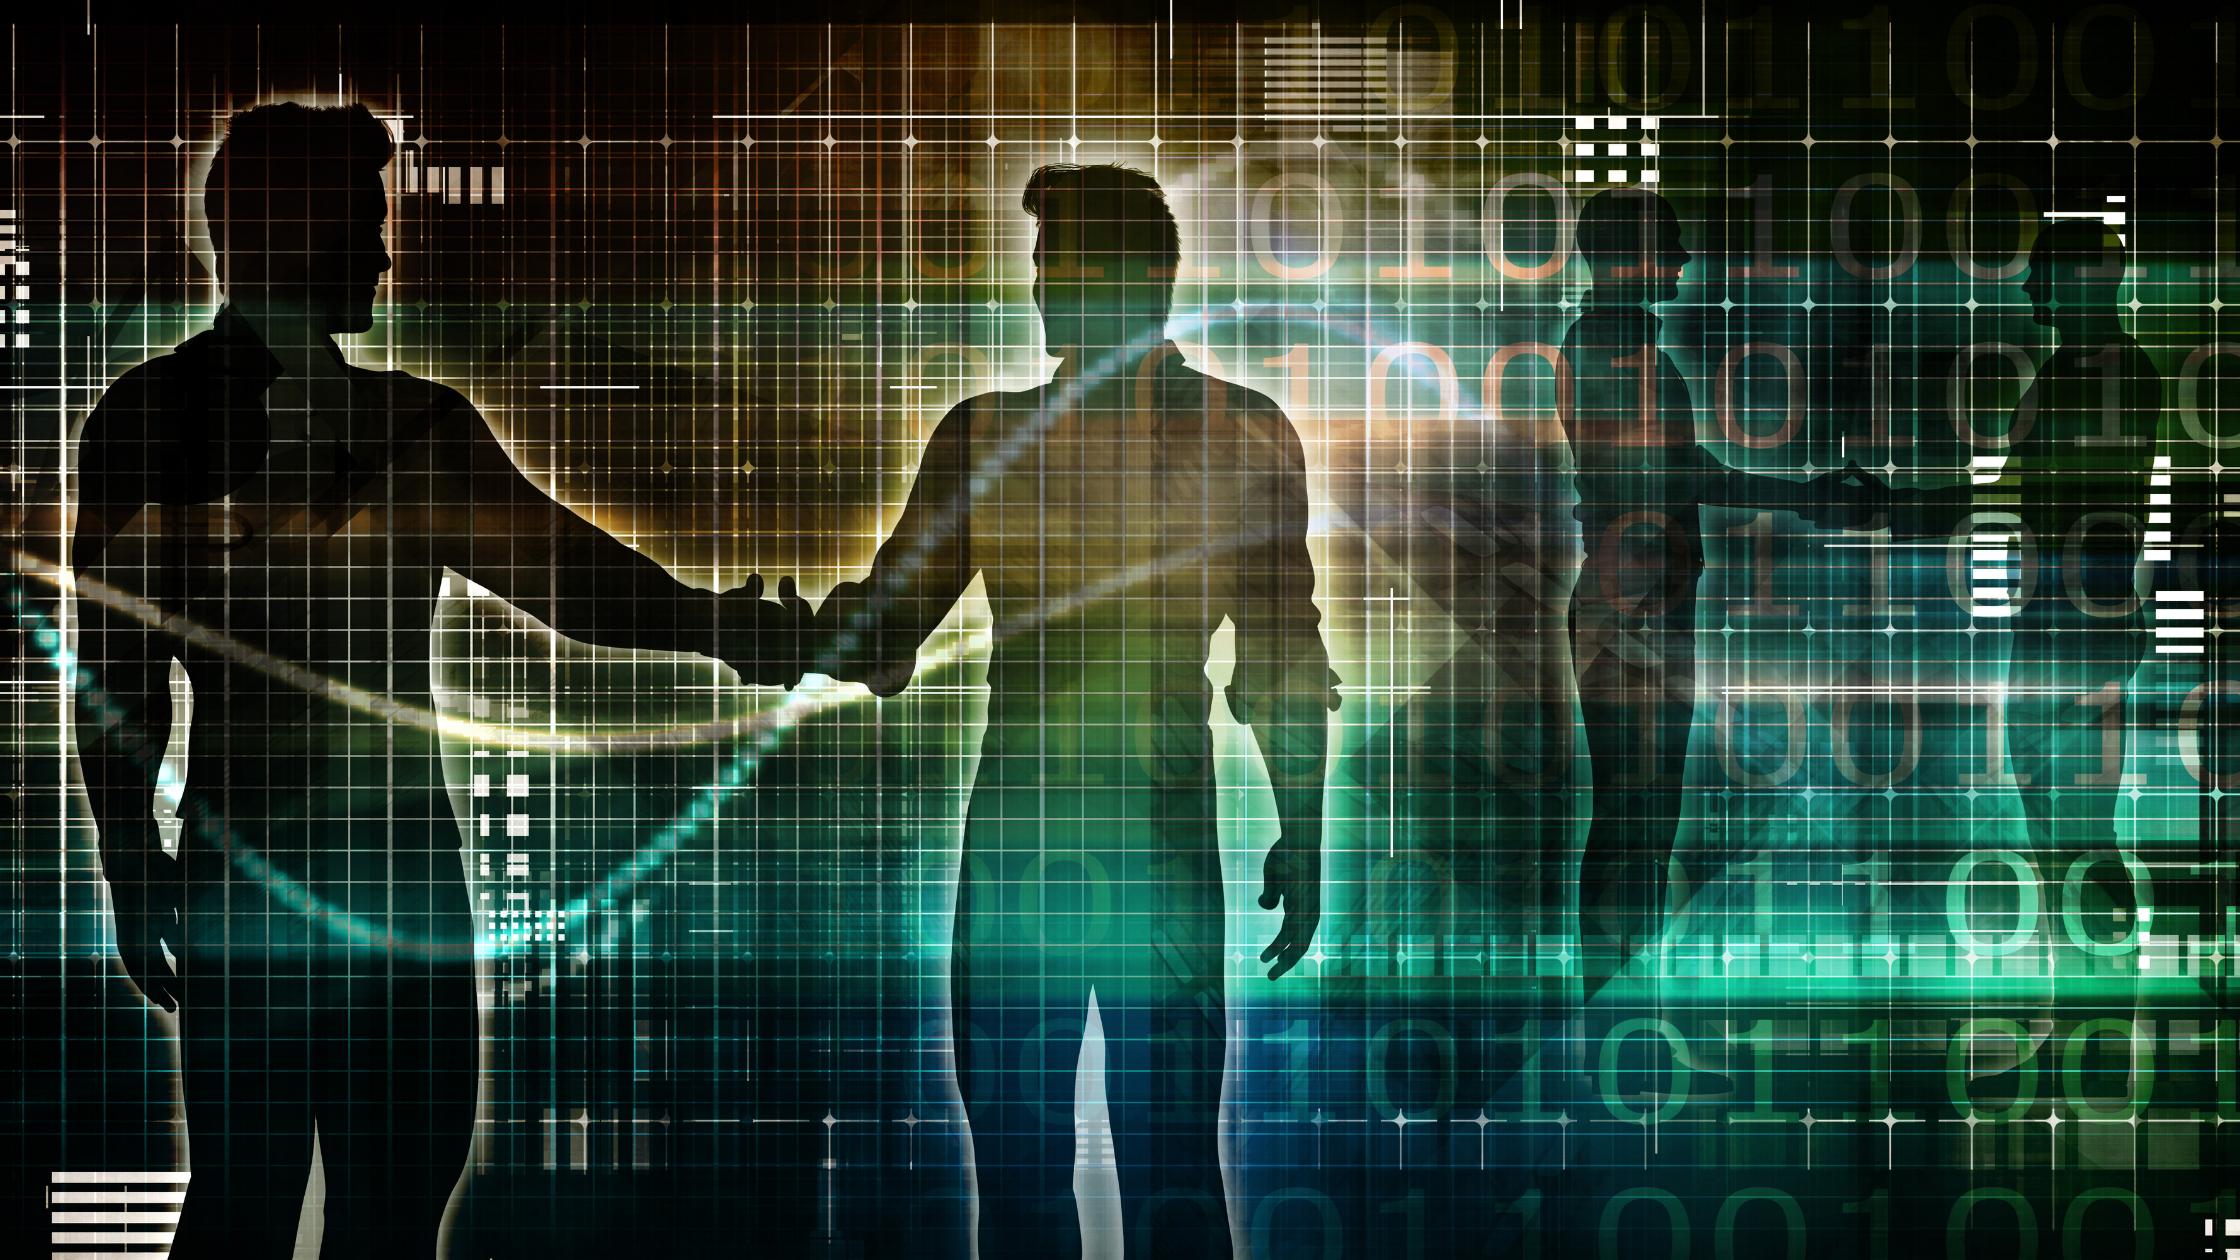 Follow the Money: M&A Activity Across Robotics, AI & Health Tech